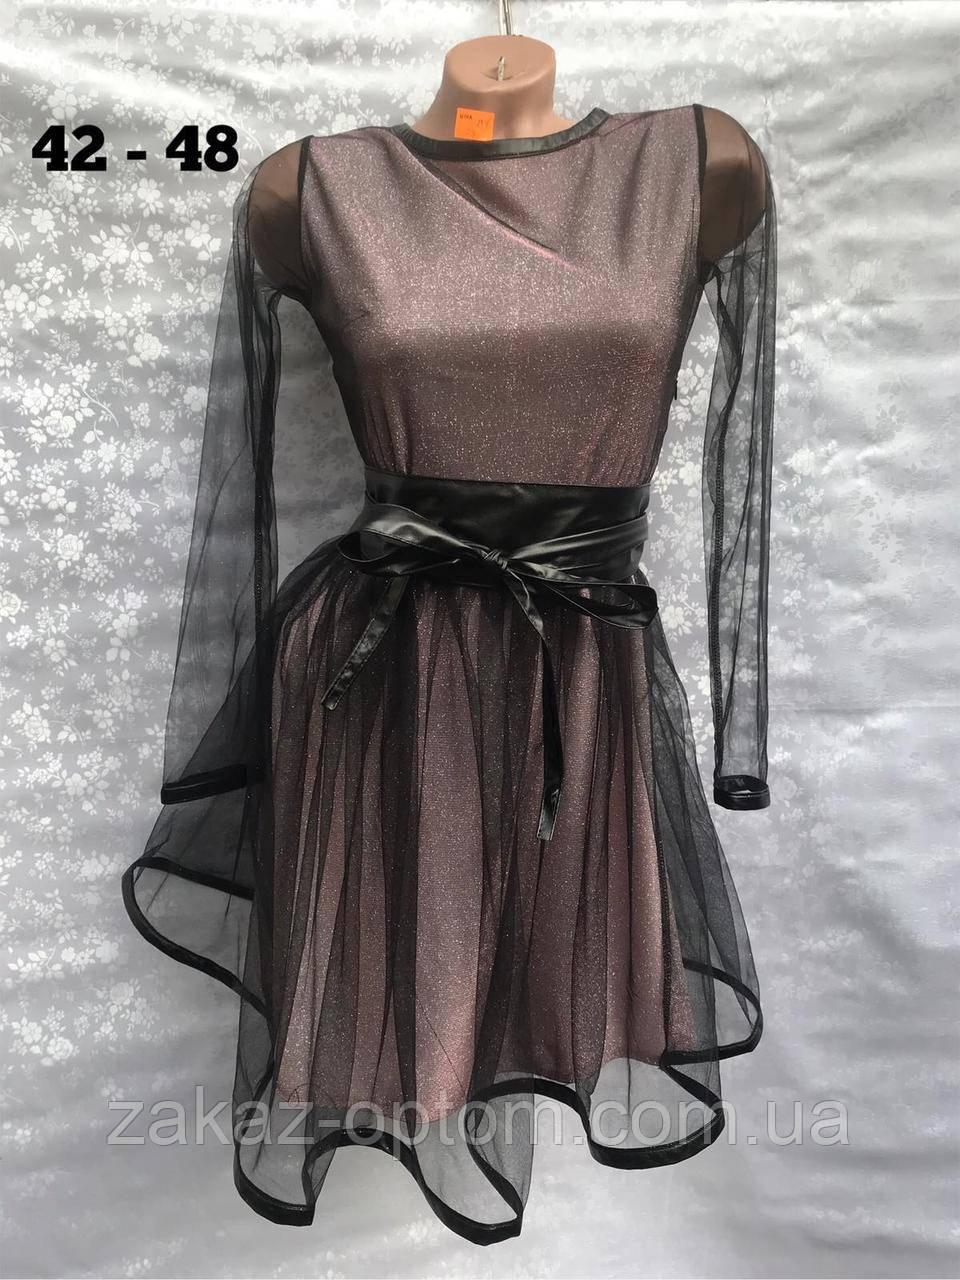 Платье женское оптом(42-48)Украина-64634